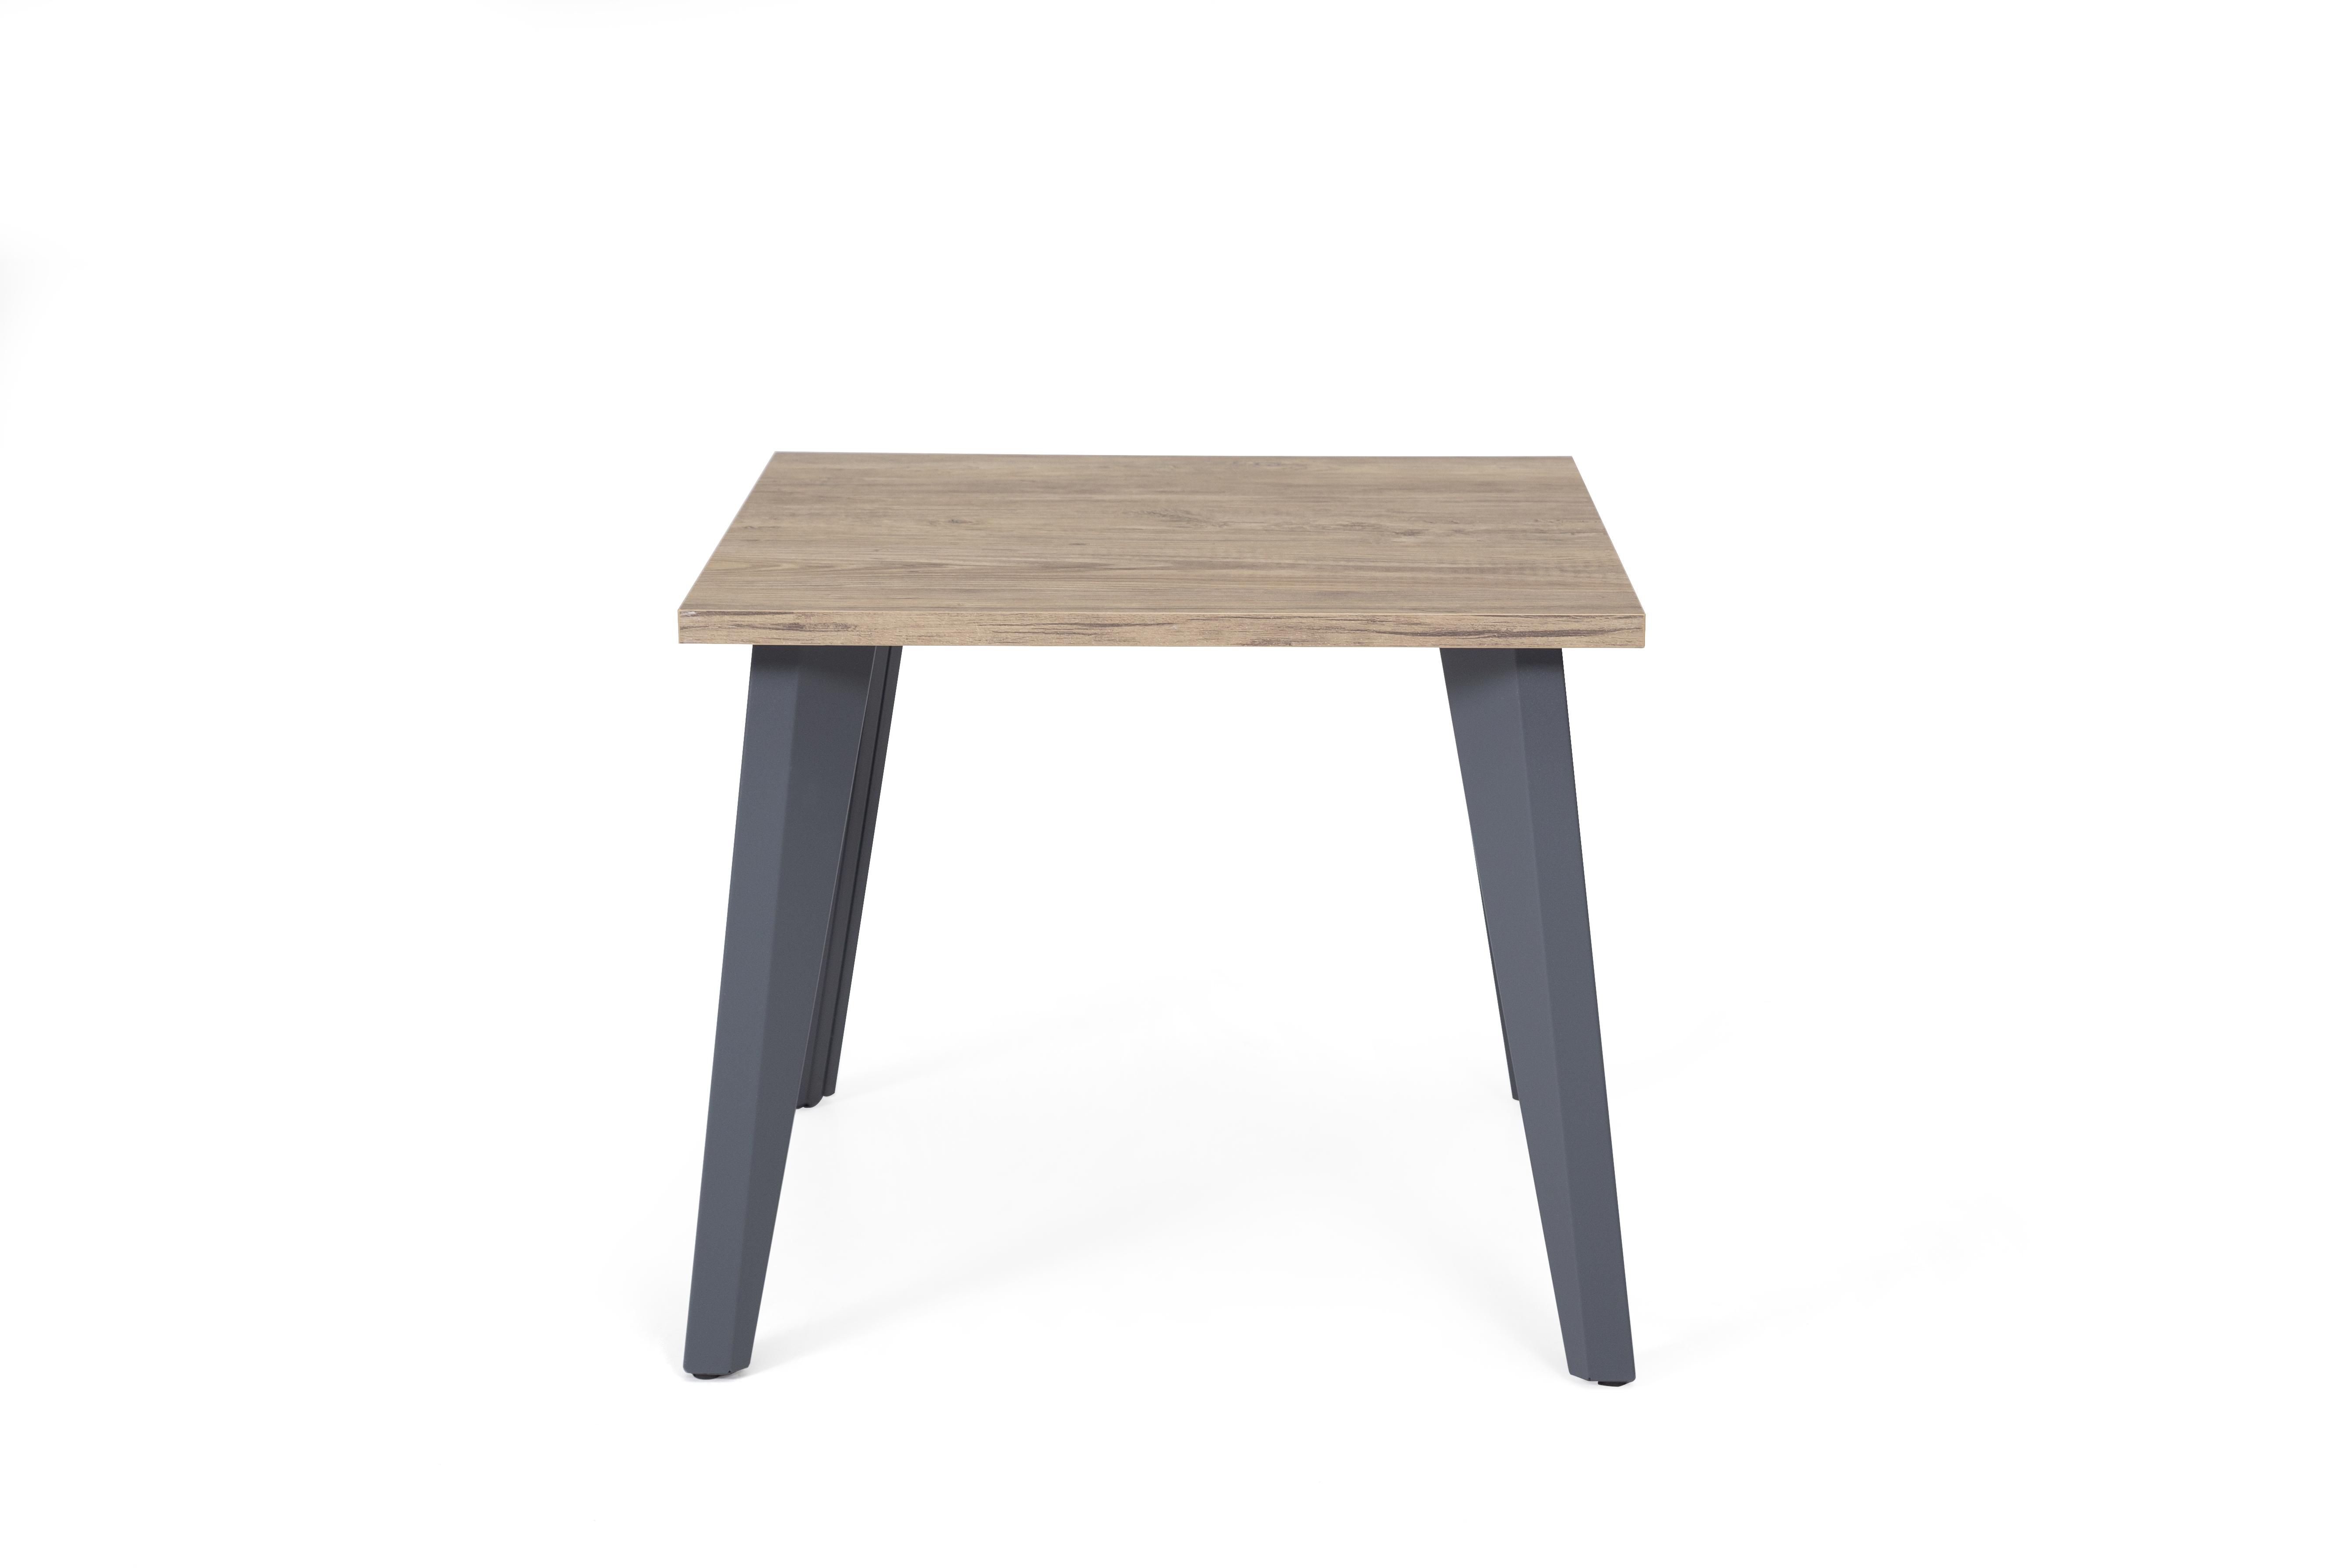 Ovali Beistelltisch 4-beinig Eco Grau 70x50x44 cm